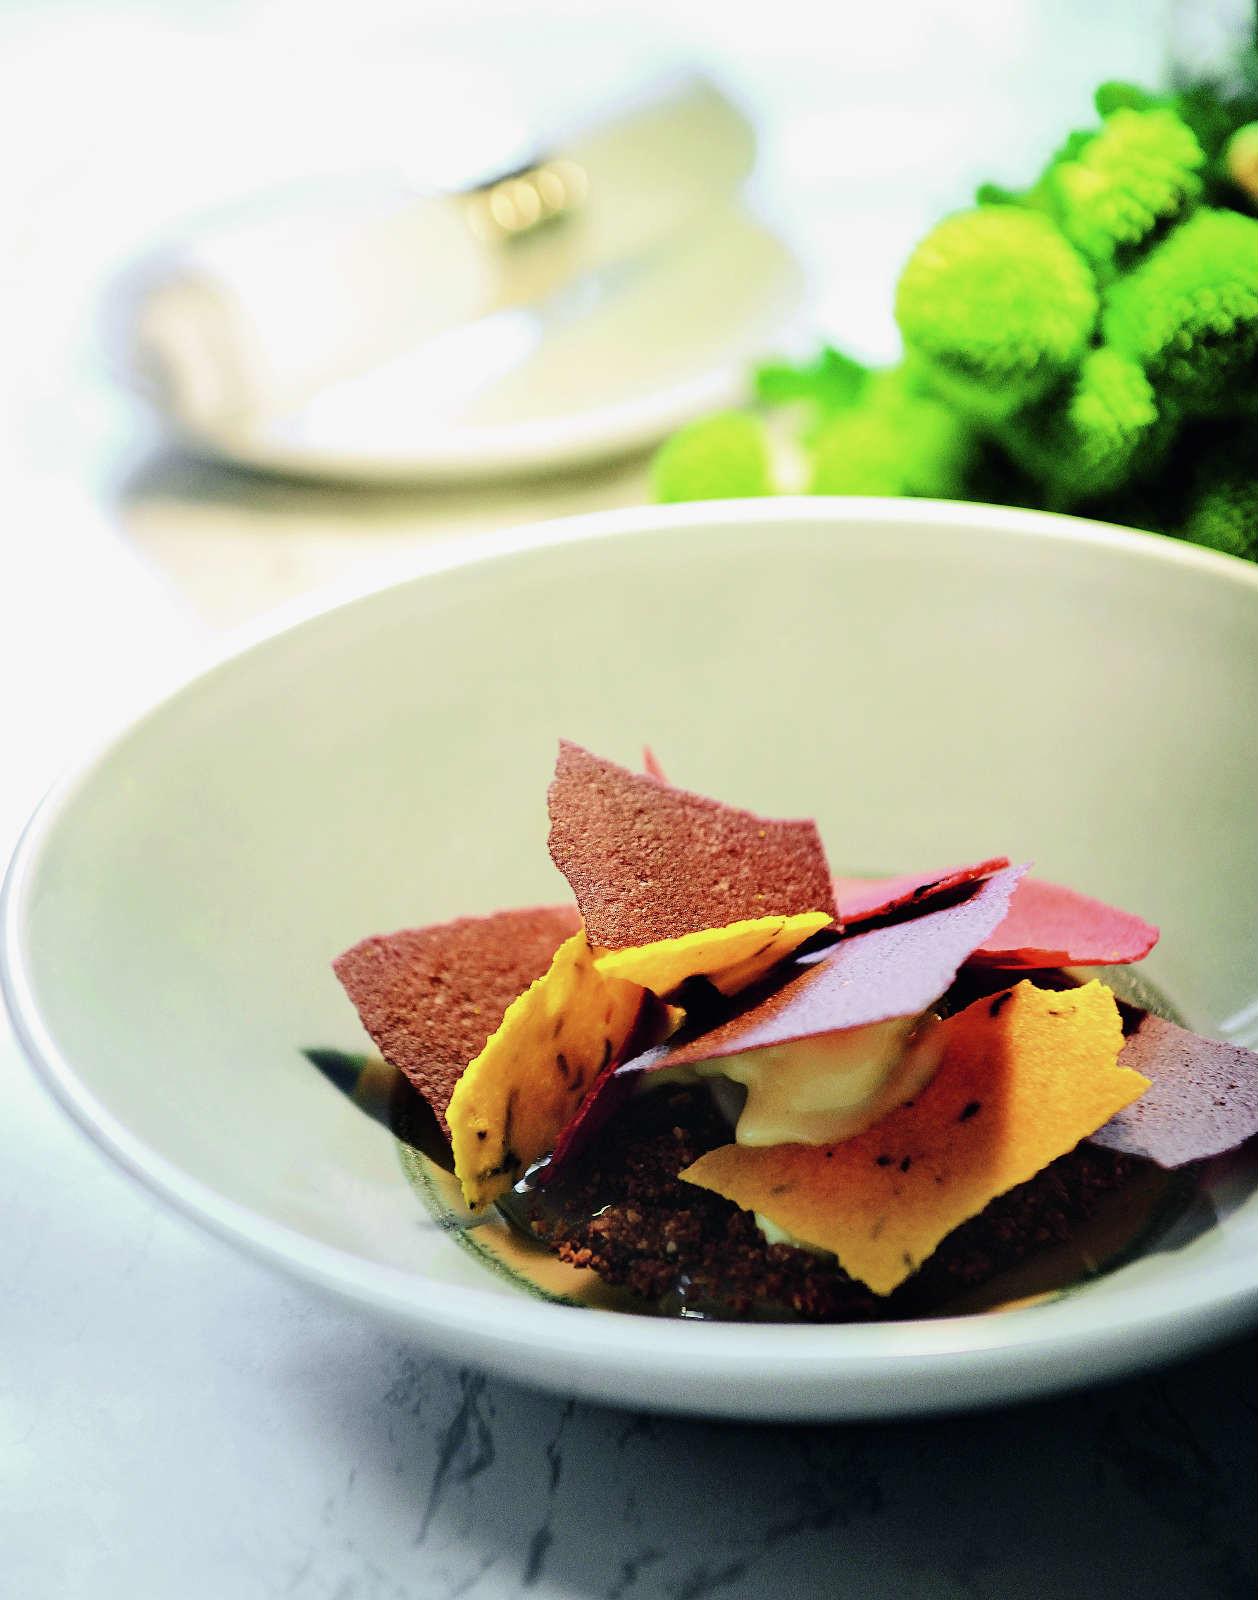 以茶制菜,让厨房变身米其林餐厅(内附快手食谱)图片